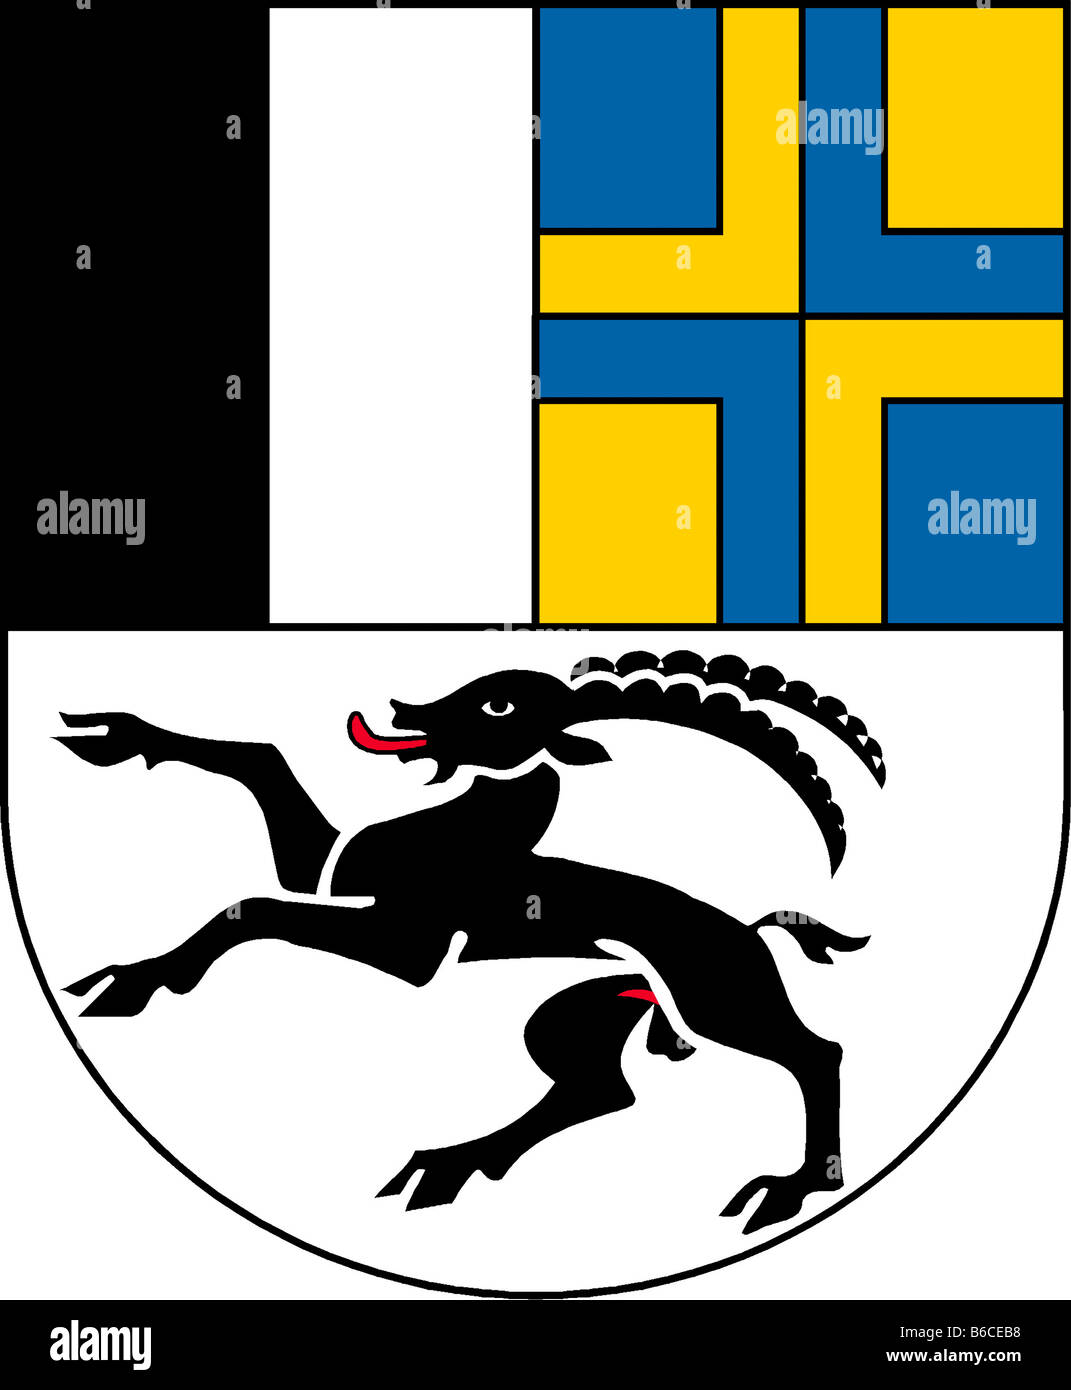 Abbildung Flagge des Kantons Graubünden Schweiz Stockbild